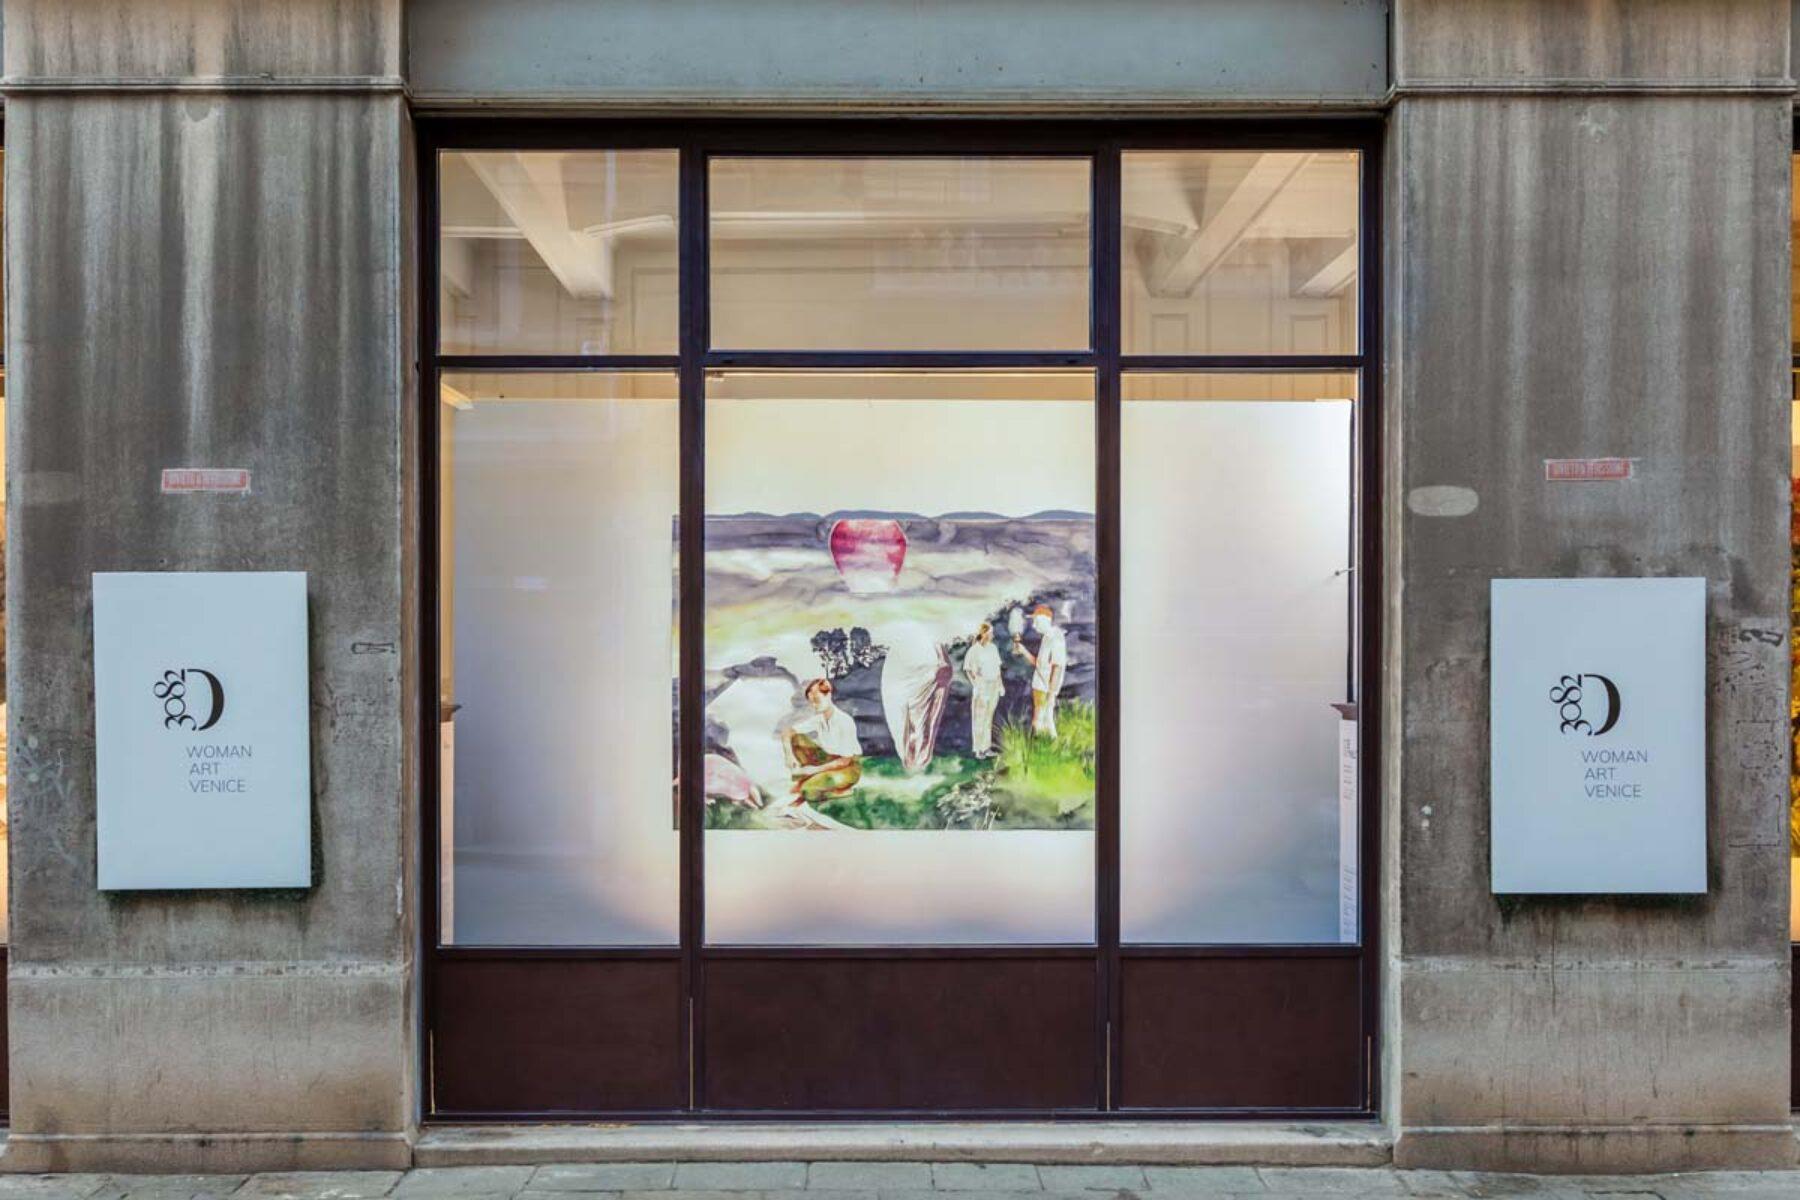 Io è un'altra, installation view (Greta Ferretti), D3082, Venice, 2021, ph. Studio Mion